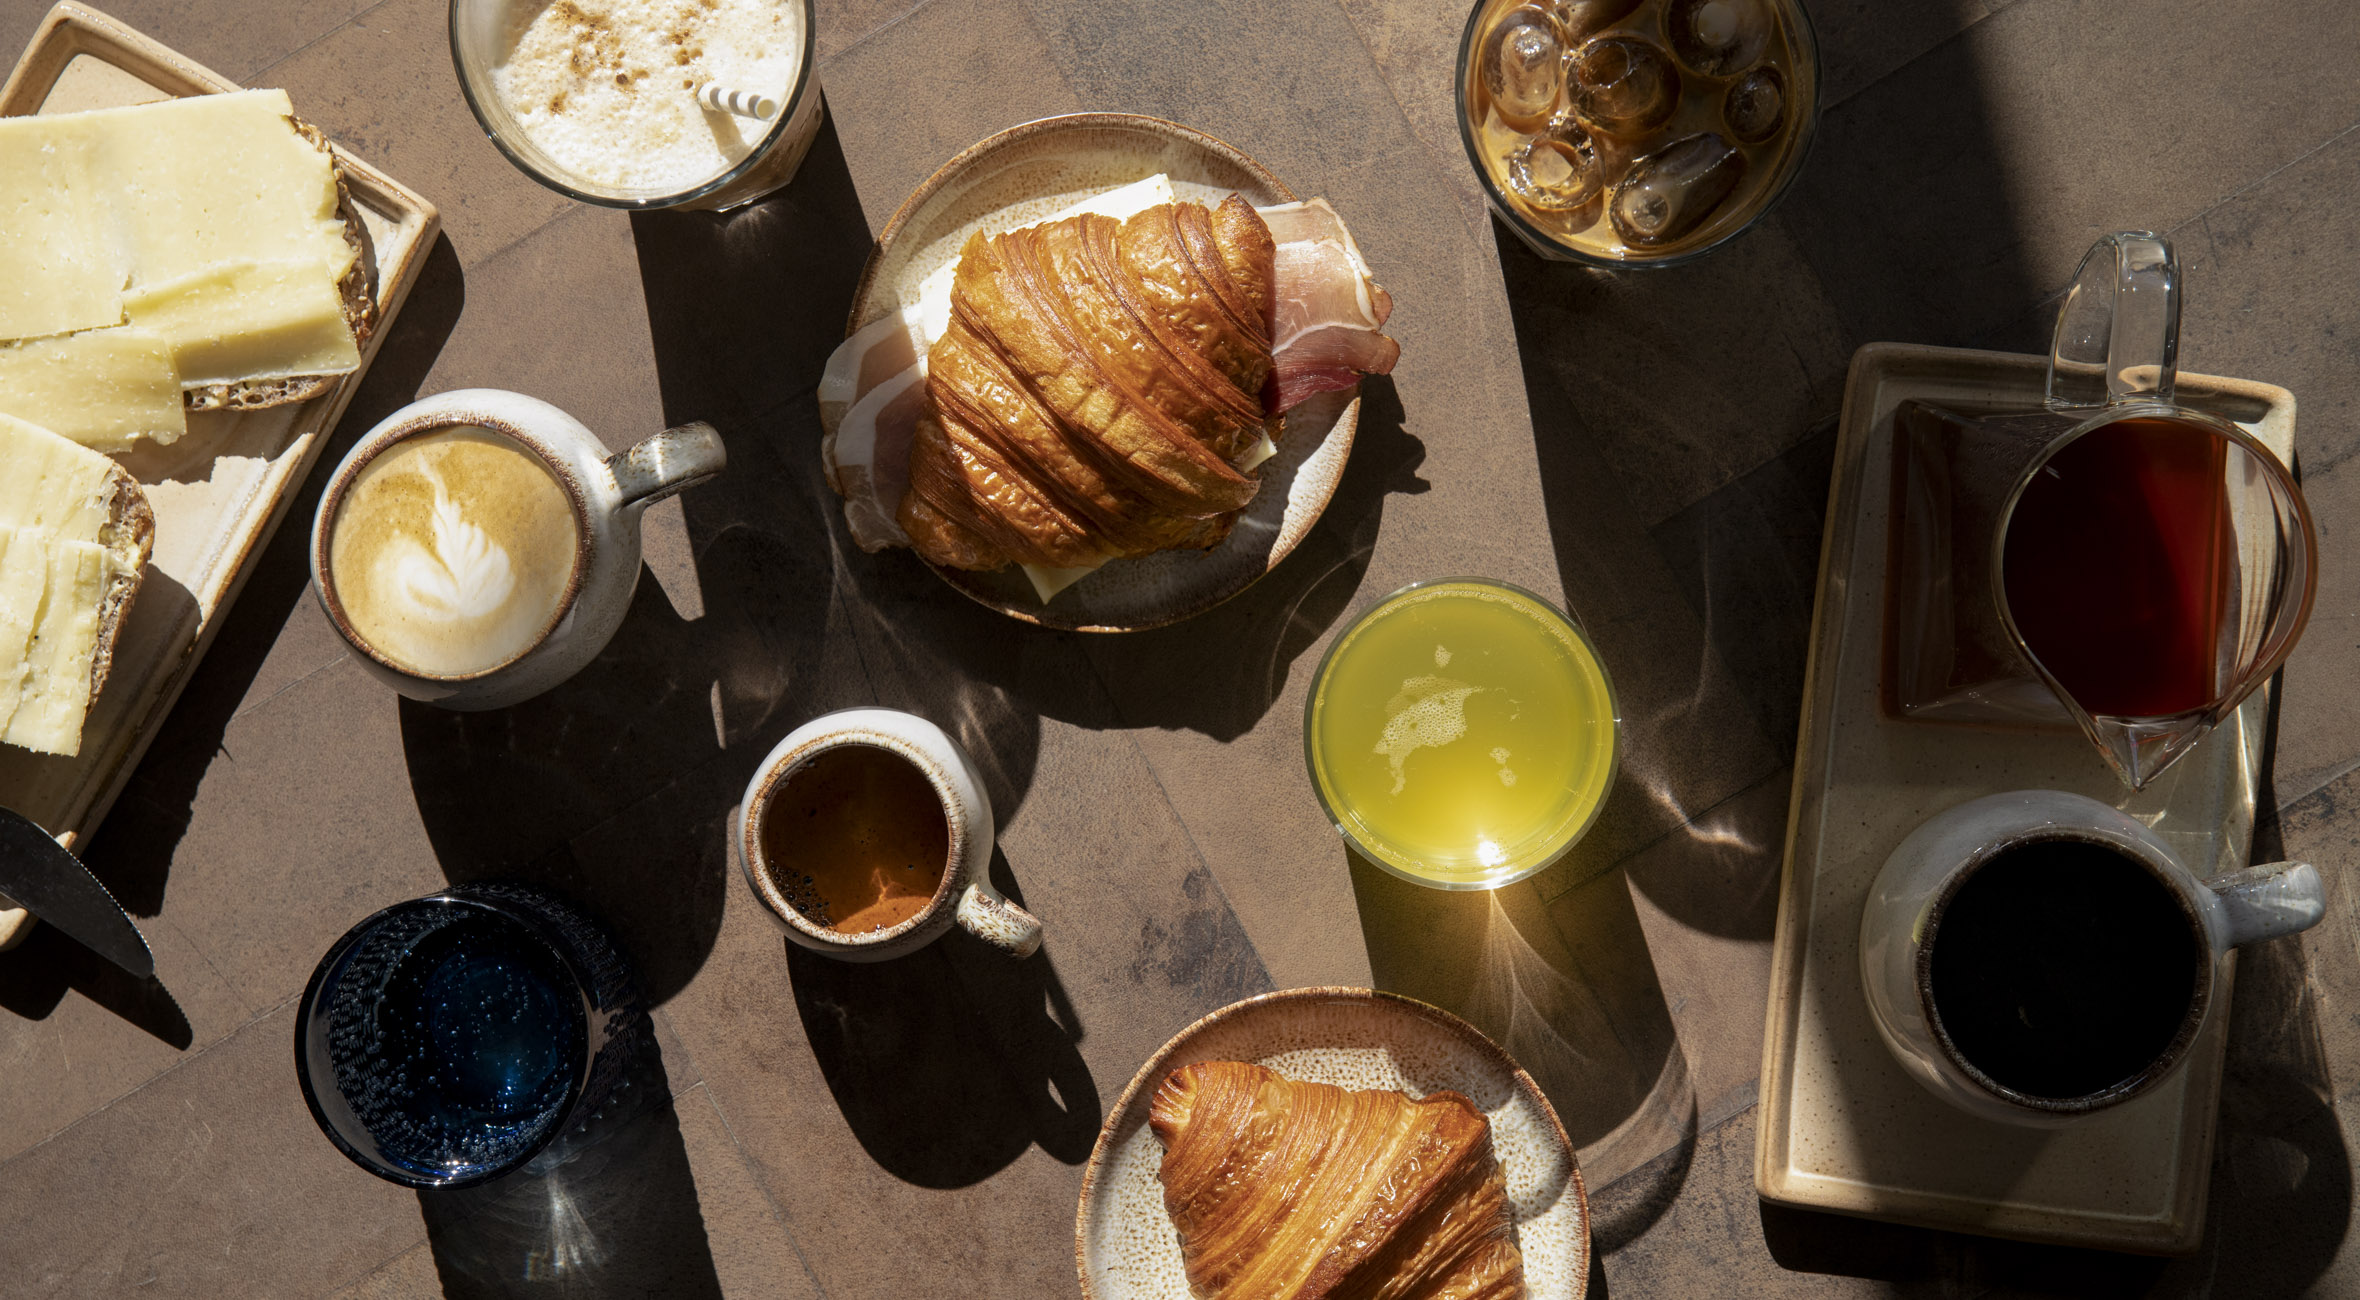 Frit valg til alt hos The Artisan – Kombineret kaffebar & risteri har slået dørene op ved Søerne! Nyd kaffe på solterrassen eller køb kaffebønner med hjem